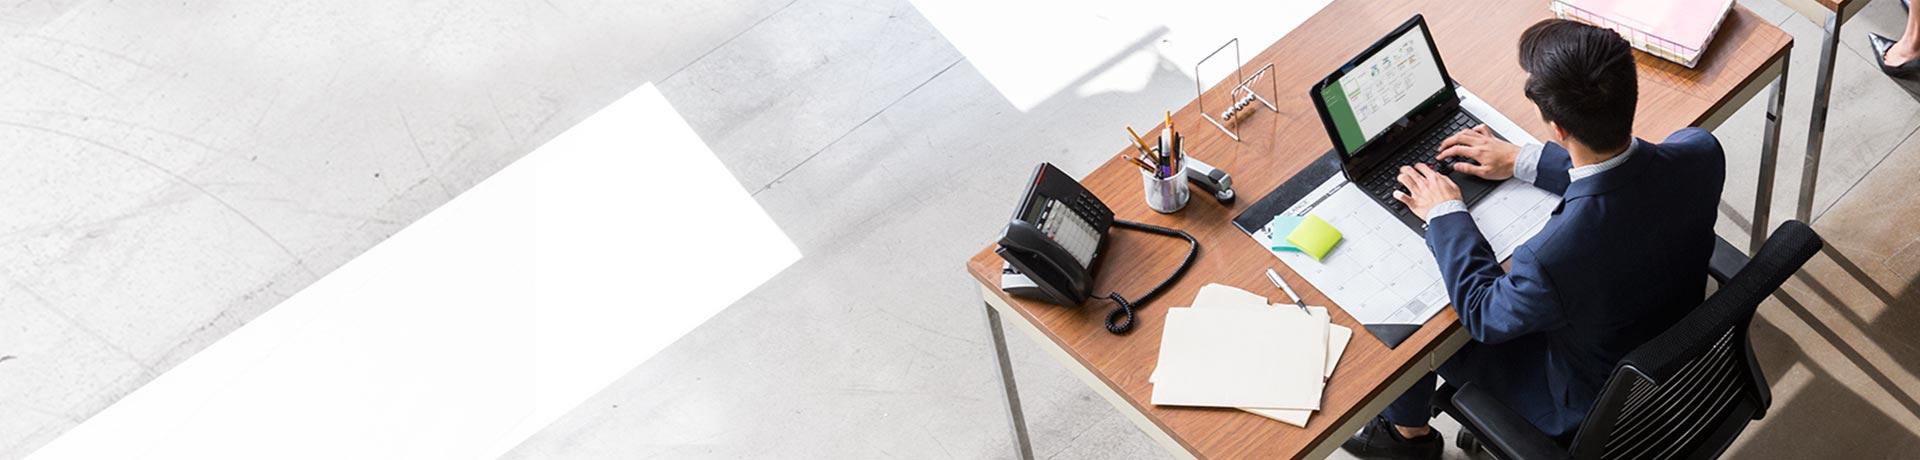 坐在辦公室的辦公桌前的一名男士,正在使用膝上型電腦處理 Microsoft Project 檔案。